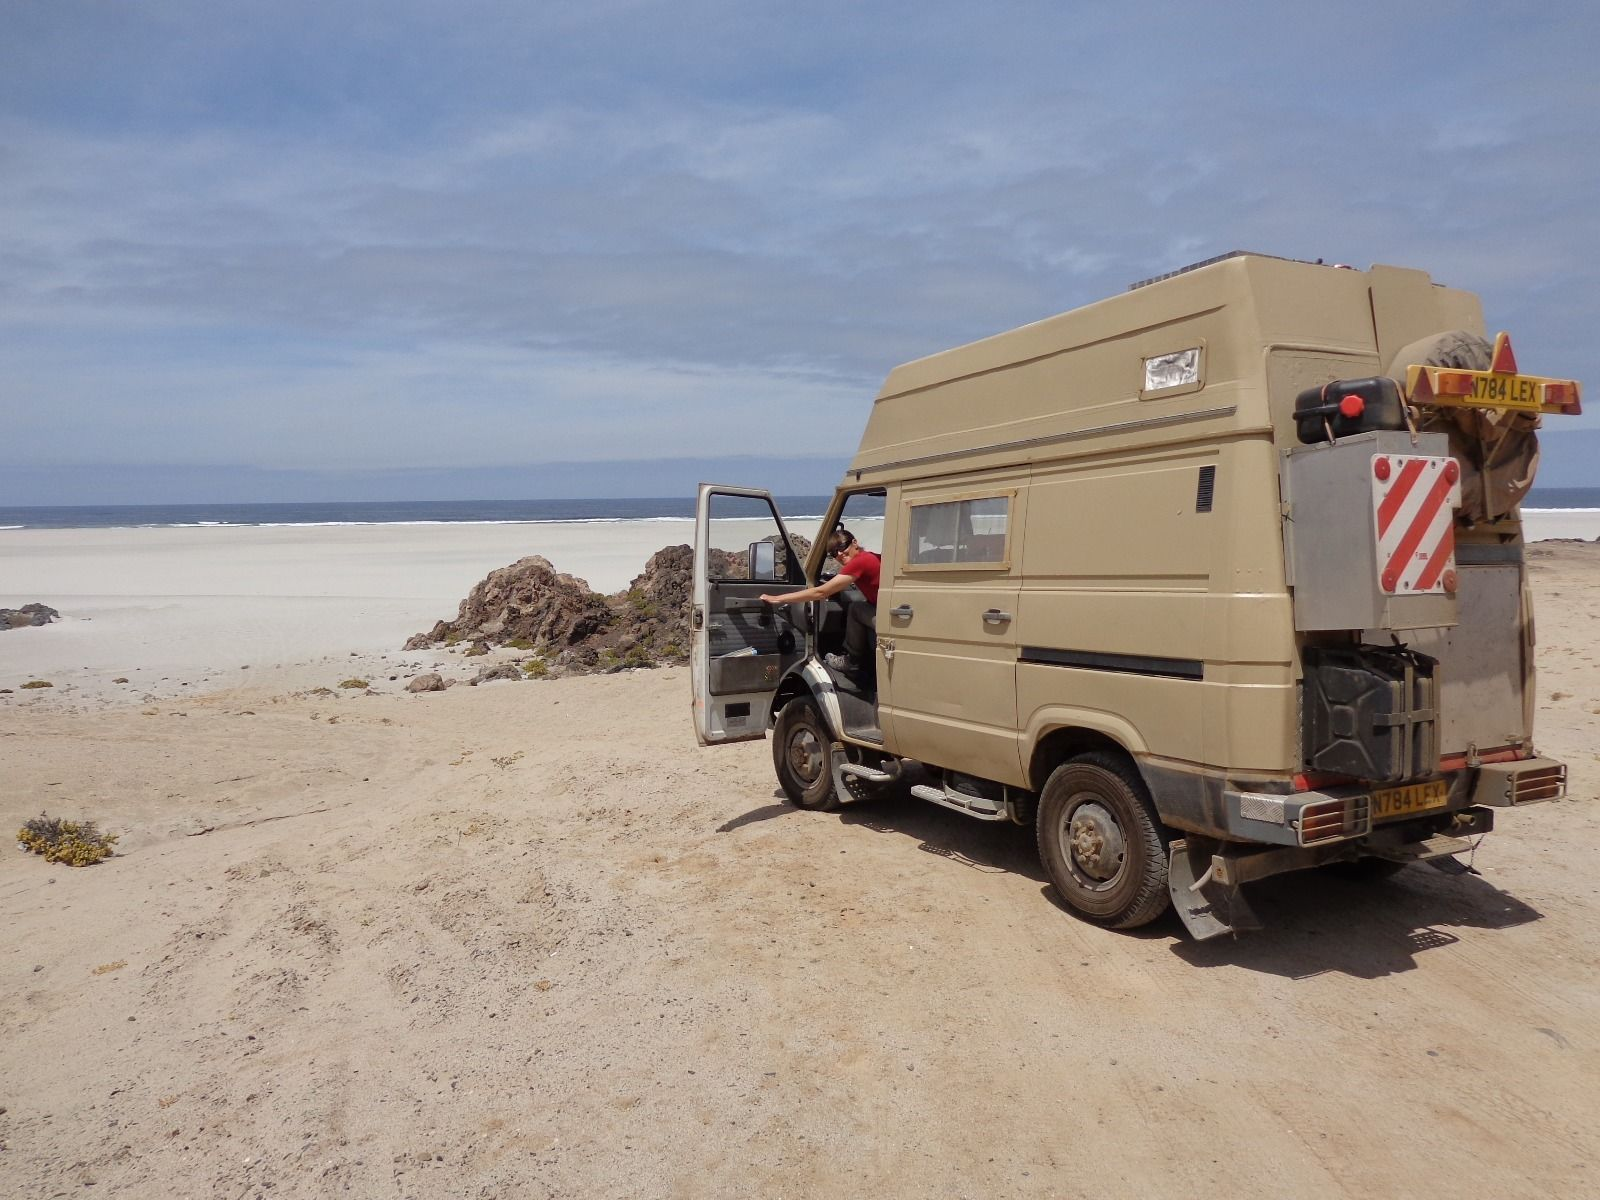 iveco daily 4x4 overland camper camper camper recreational vehicles og expedition vehicle. Black Bedroom Furniture Sets. Home Design Ideas